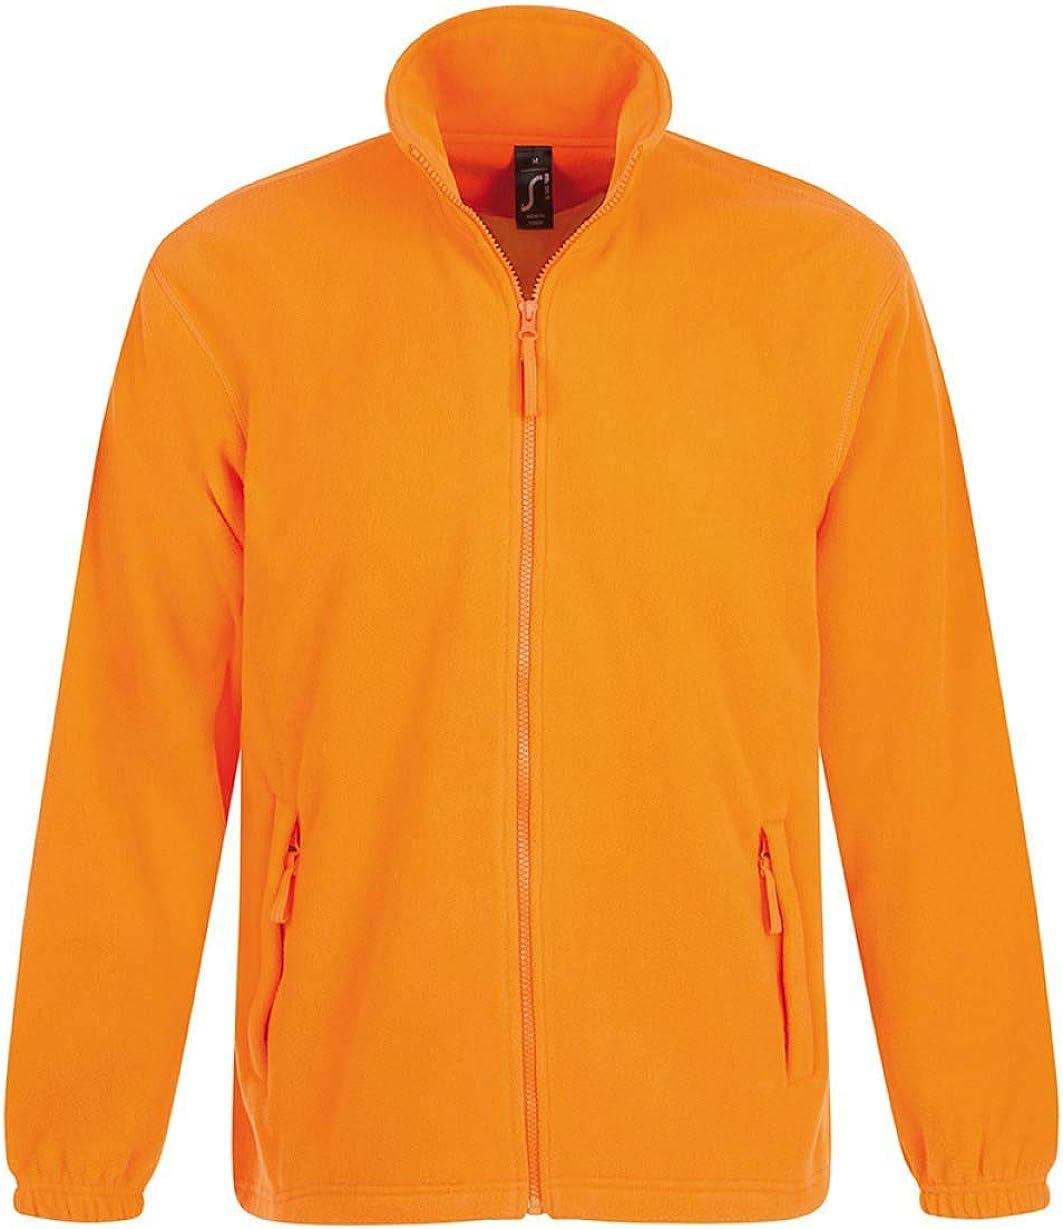 SOL'S North Fleece Jacket